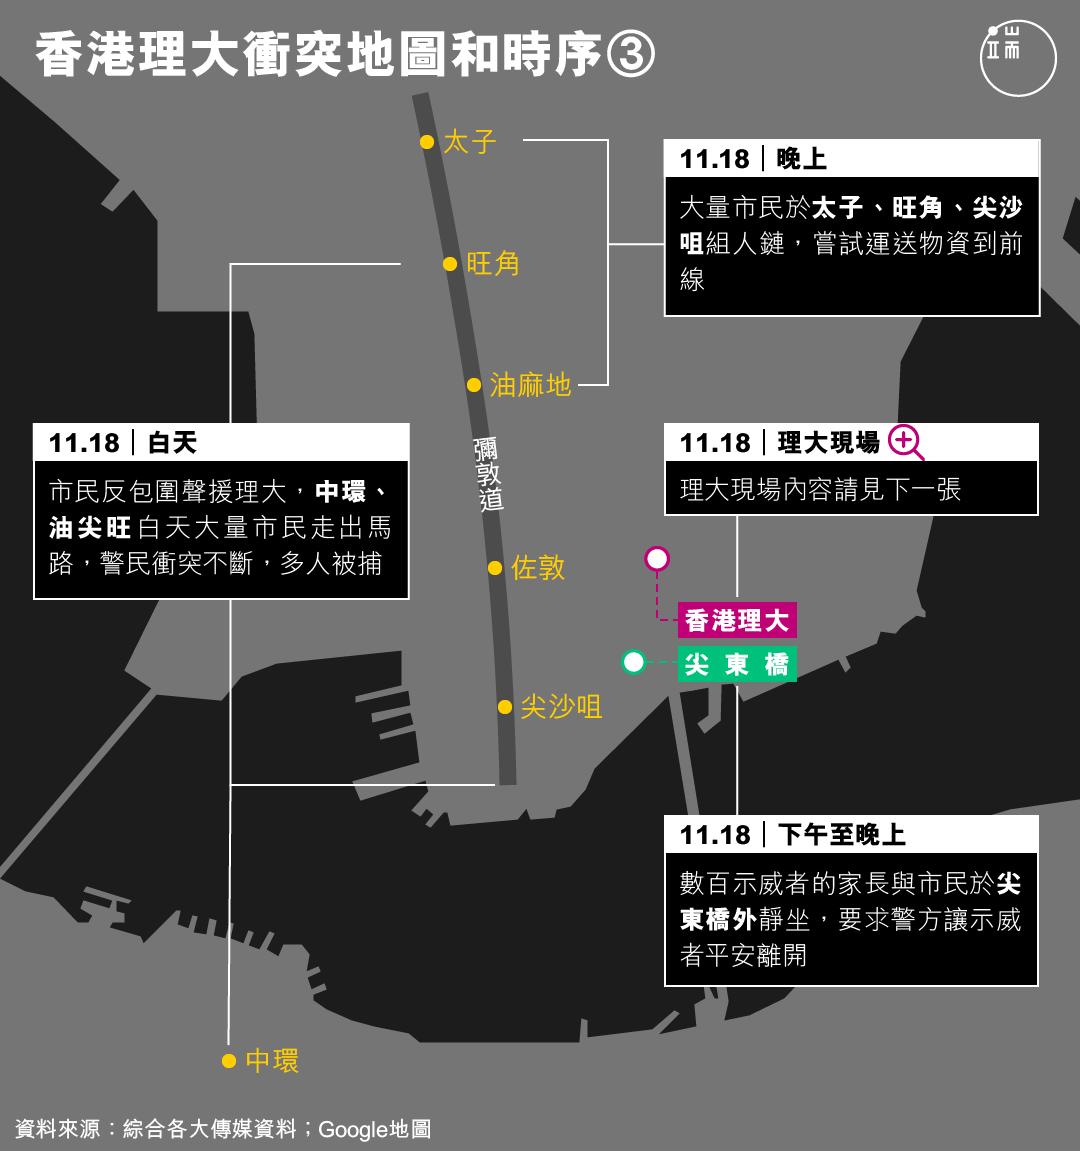 香港理大衝突地圖和時序(3-a)